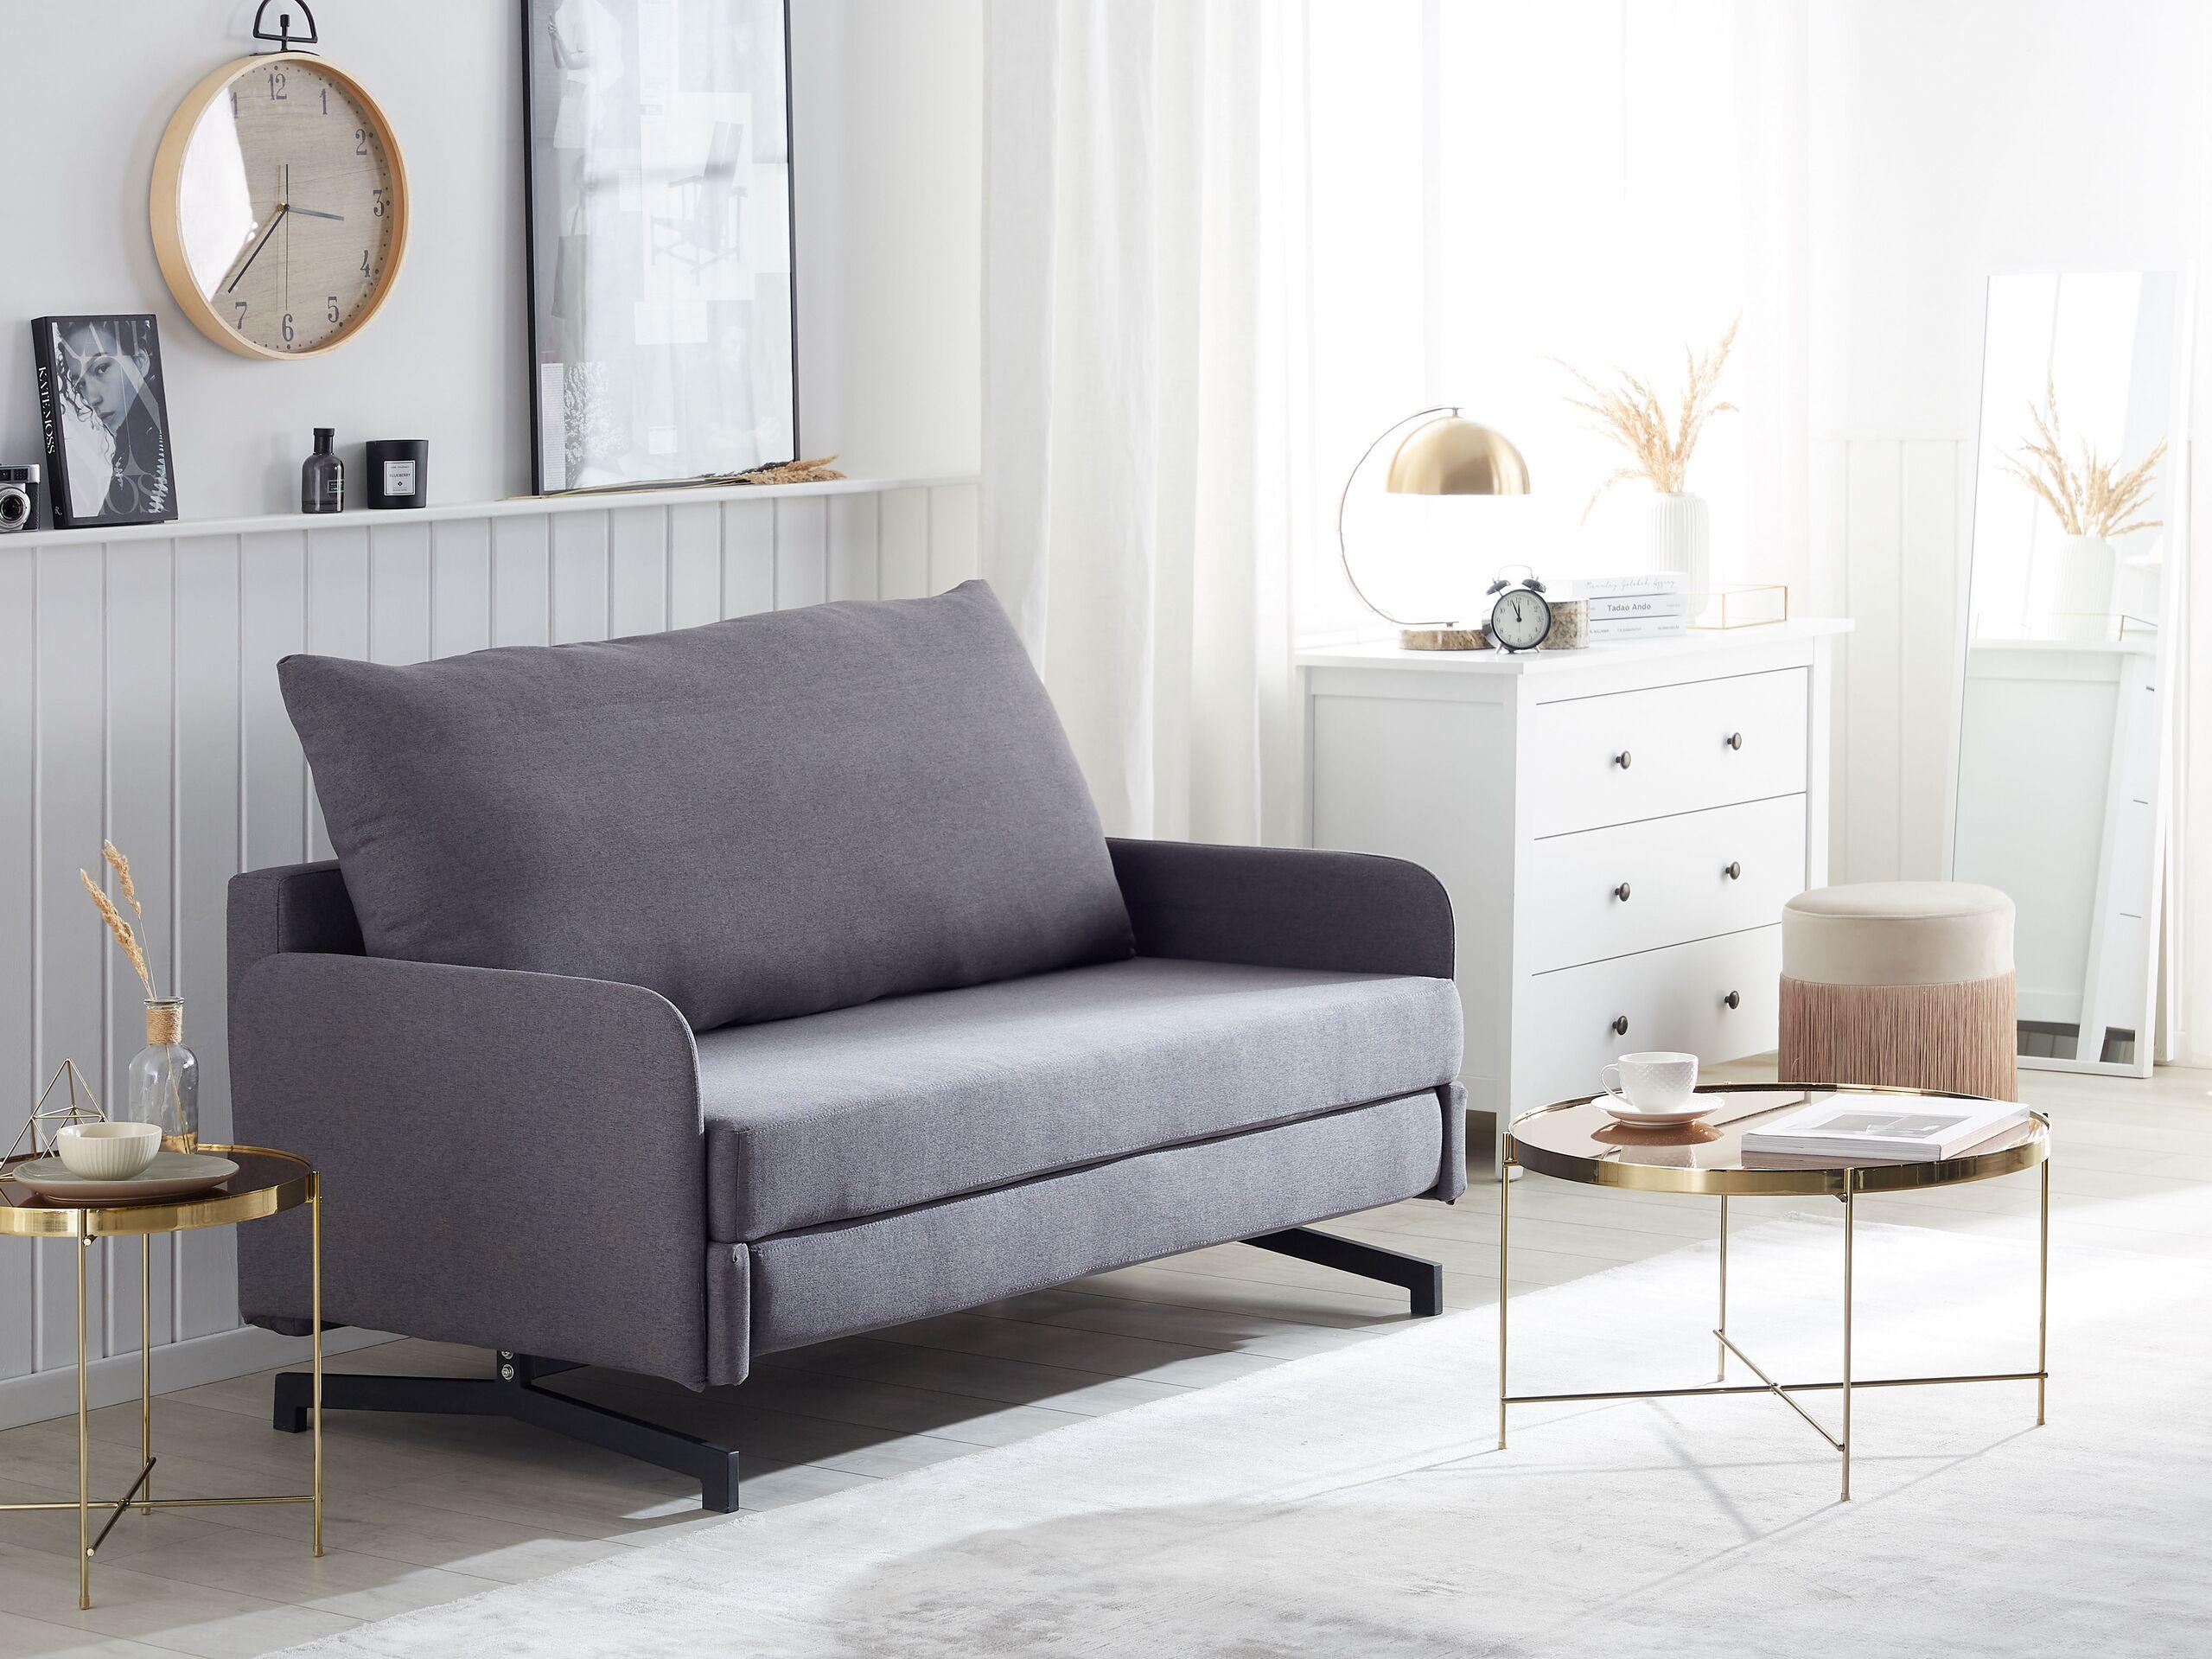 Canapé convertible 2 places en tissu gris